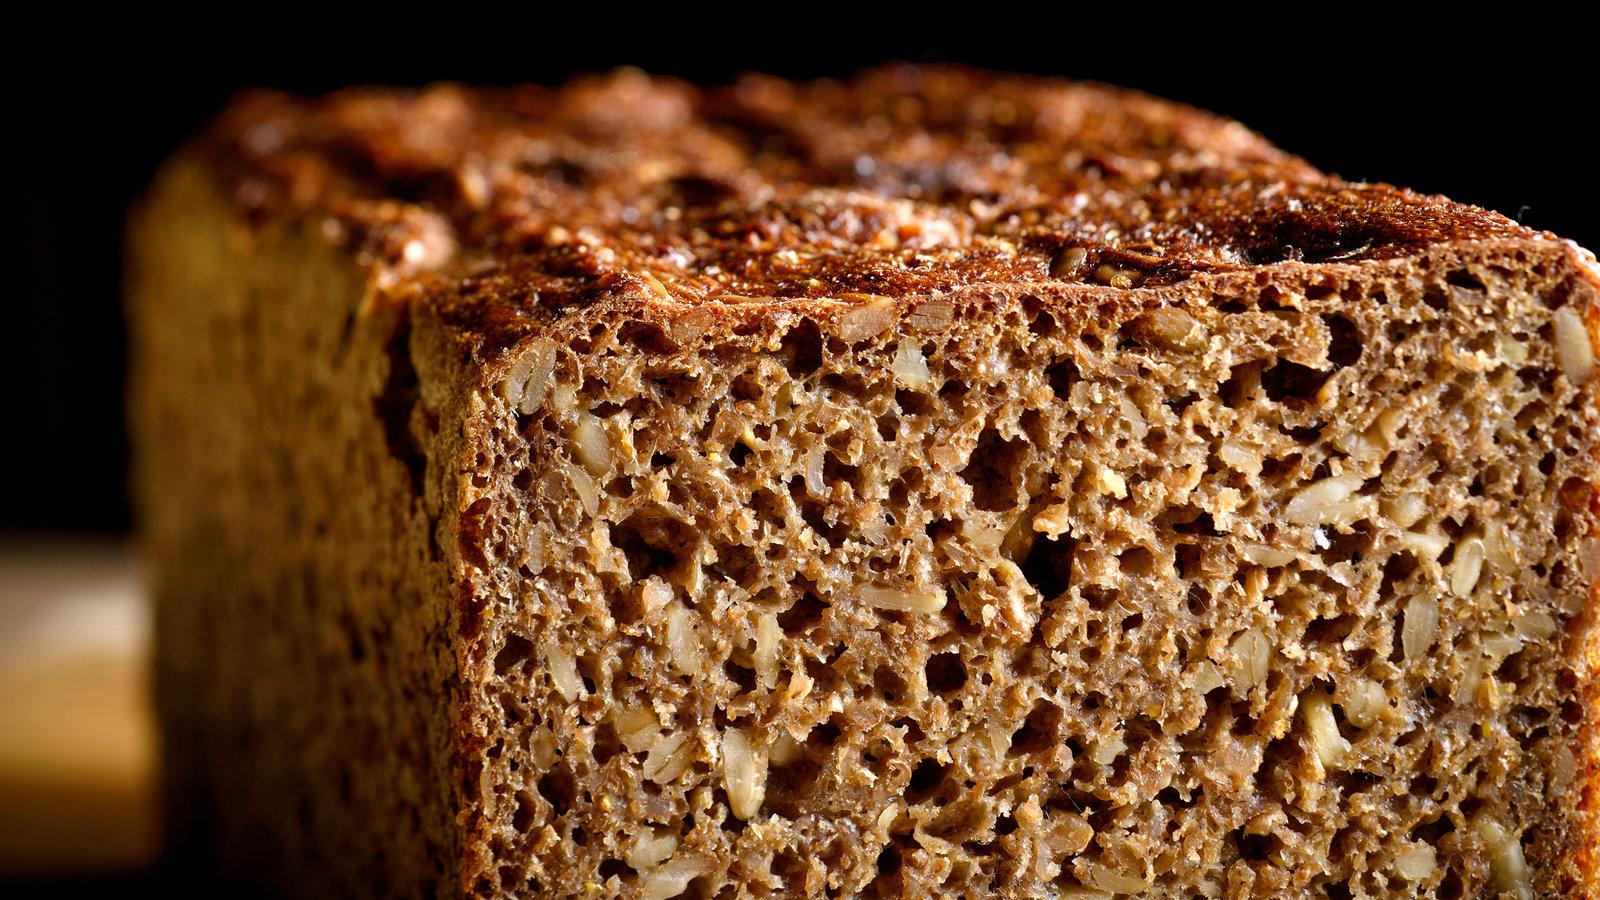 Nordic Whole Grain Rye Bread Recipe Keeprecipes Your